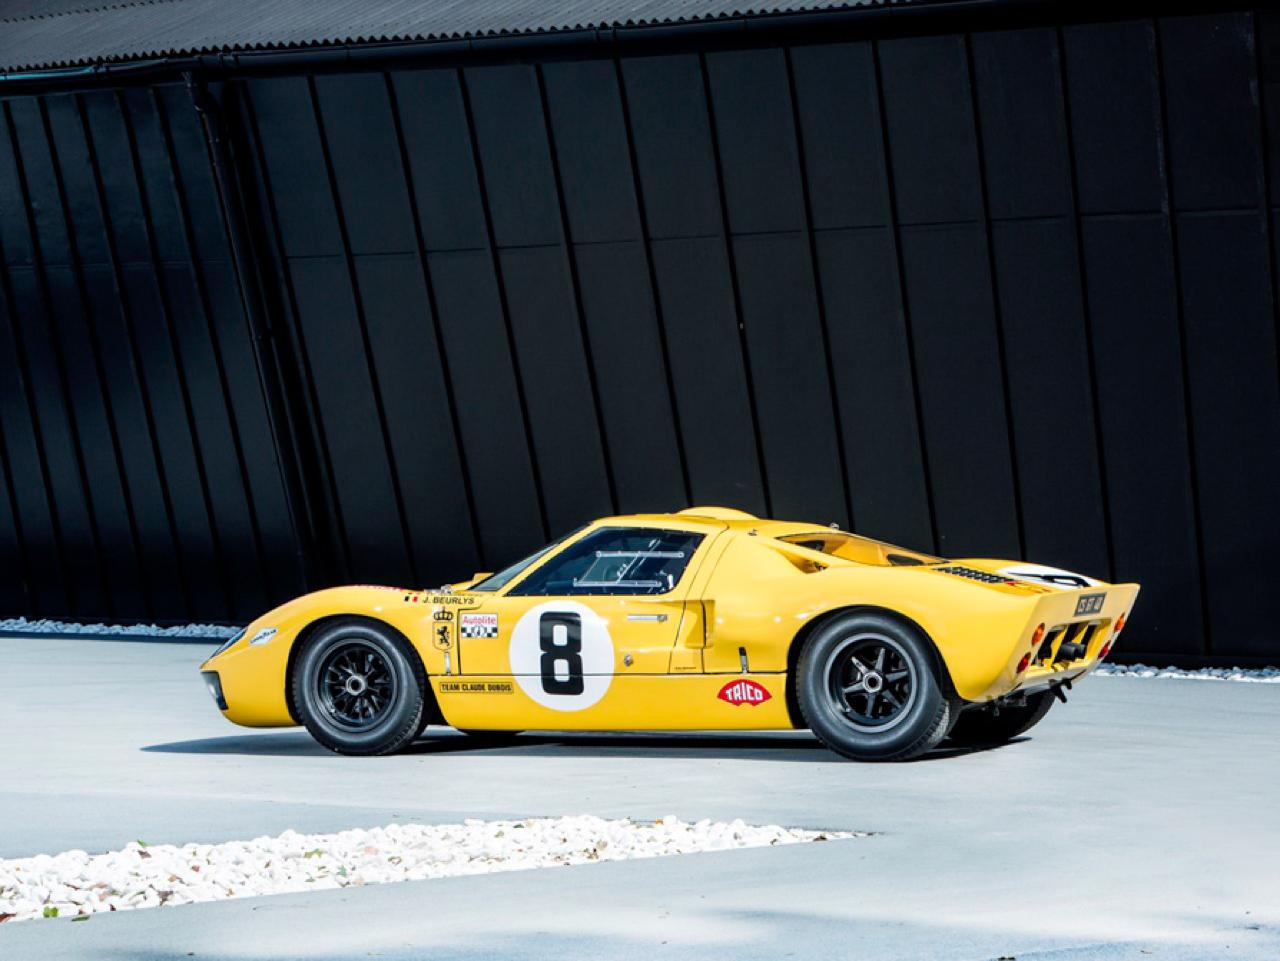 '68 Ford GT40 - Racing queen... 8